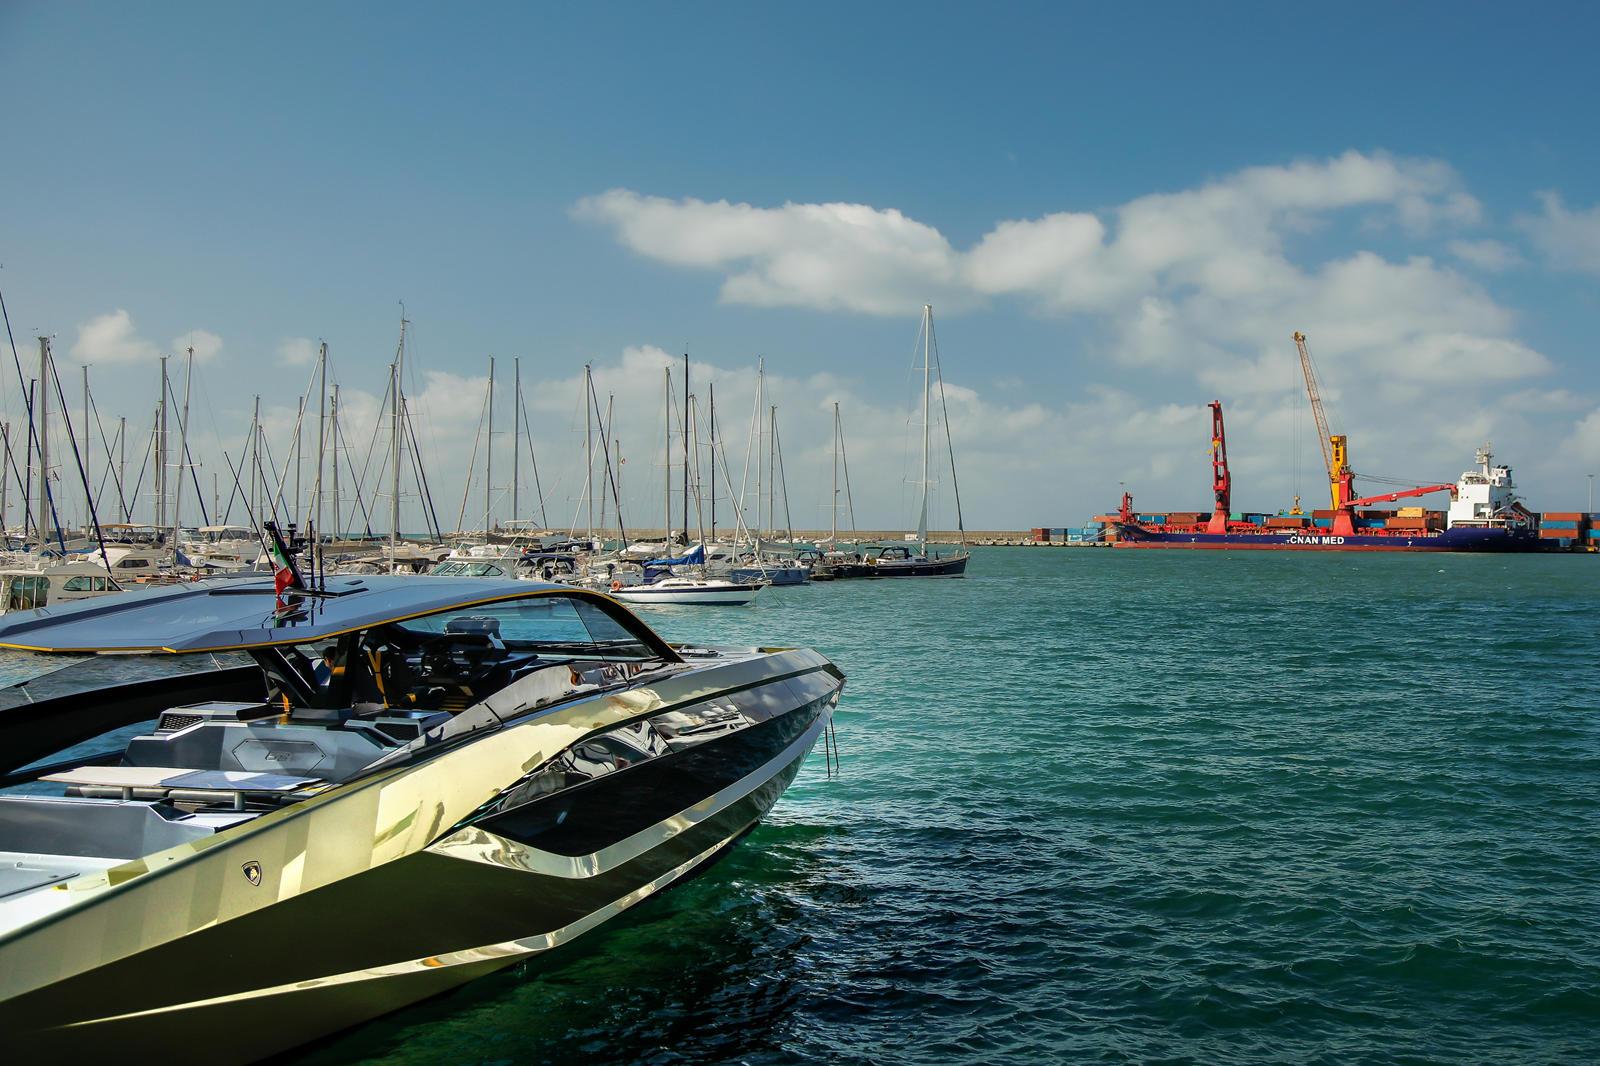 Sian стоит 263 млн рублей 3,6, но Lamborghini не раскрывает, во что вам обойдется эта лодка. Тем не менее, мы ожидаем, что она будет стоить значительно дороже, чем автомобиль, но с двумя двигателями V12 от MAN и конструкцией из карбона вы действитель